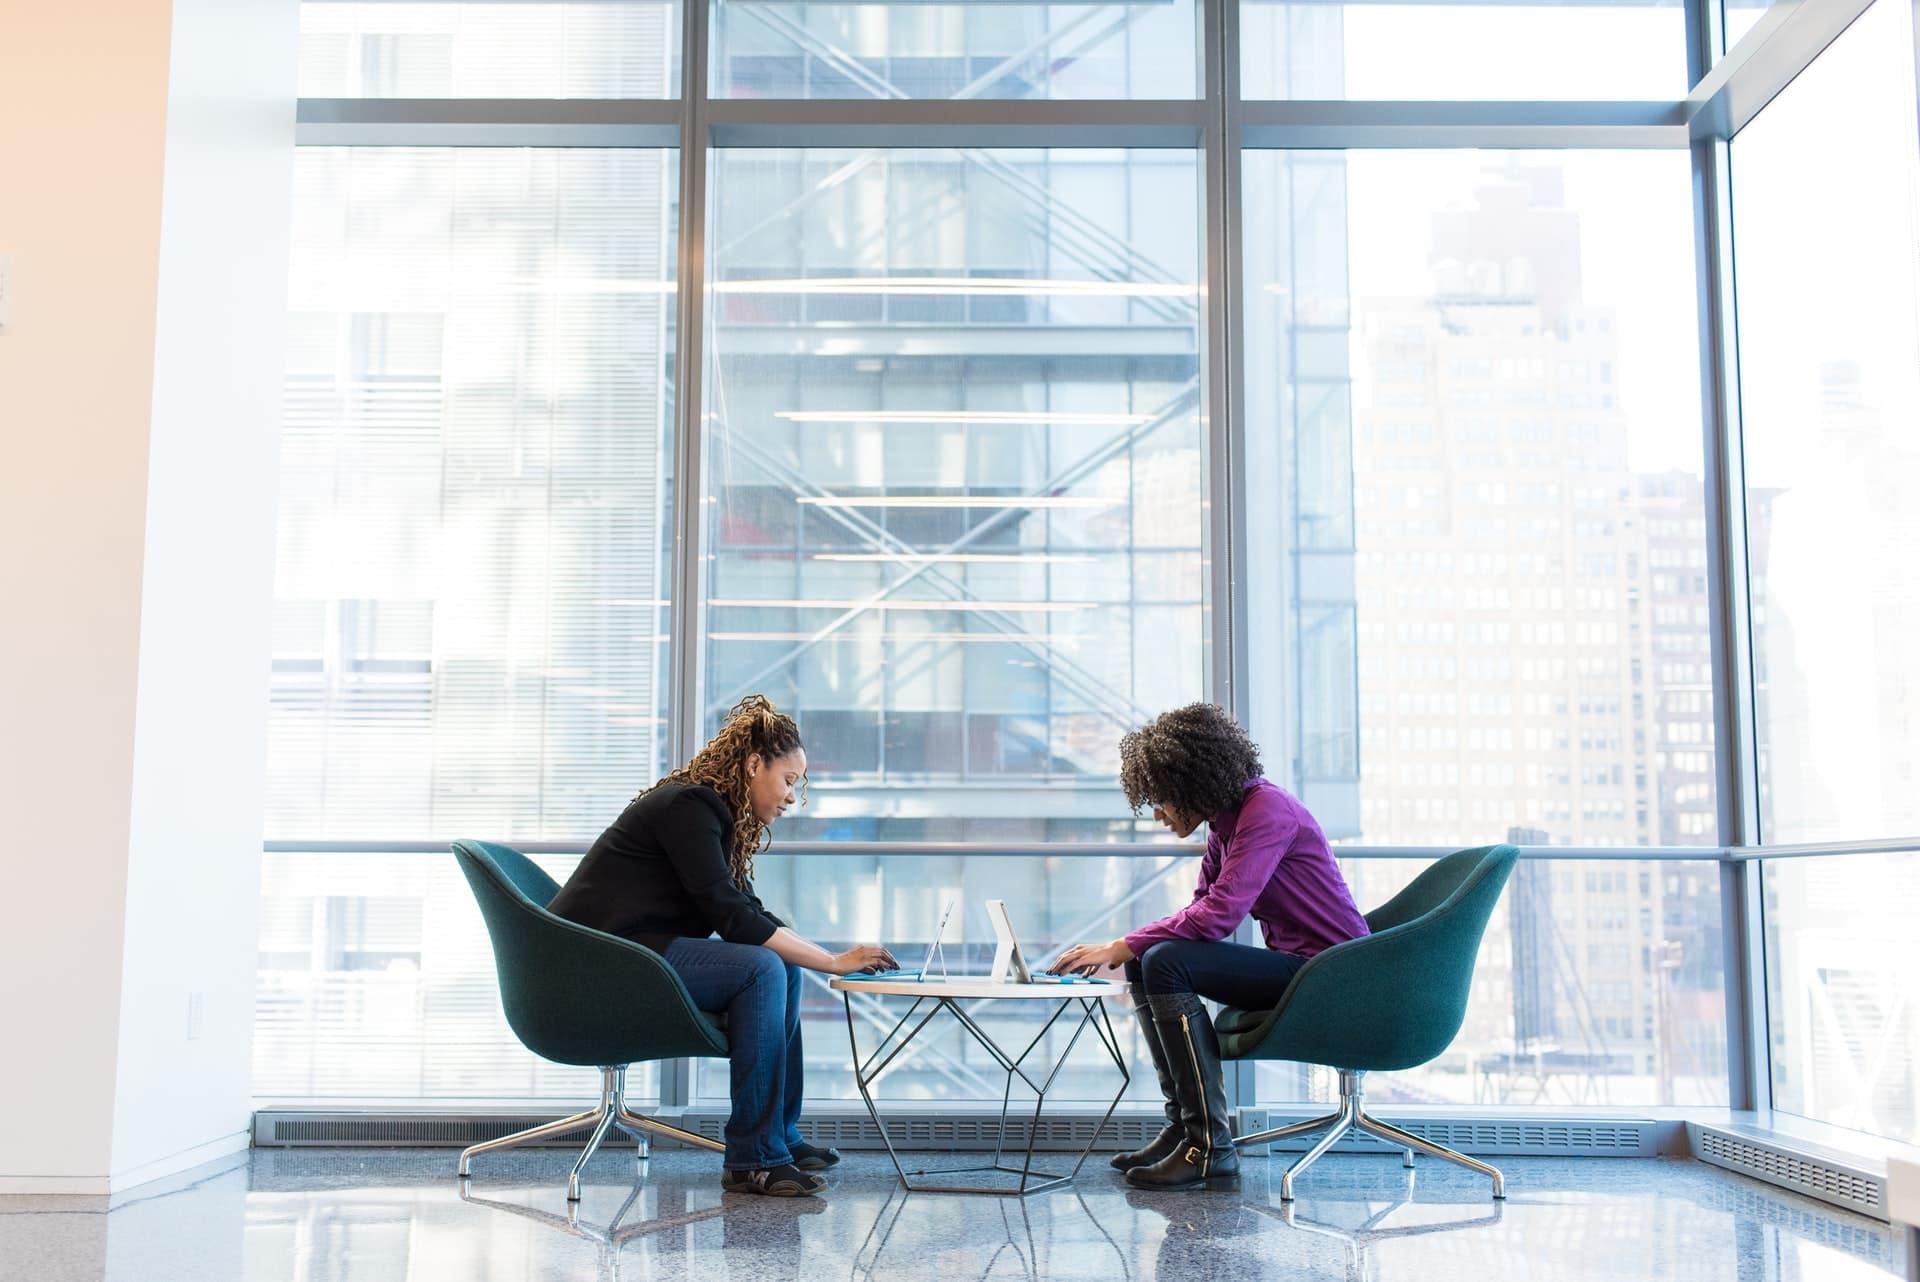 Deux personnes assises face à face, travaillant sur leur ordinateur